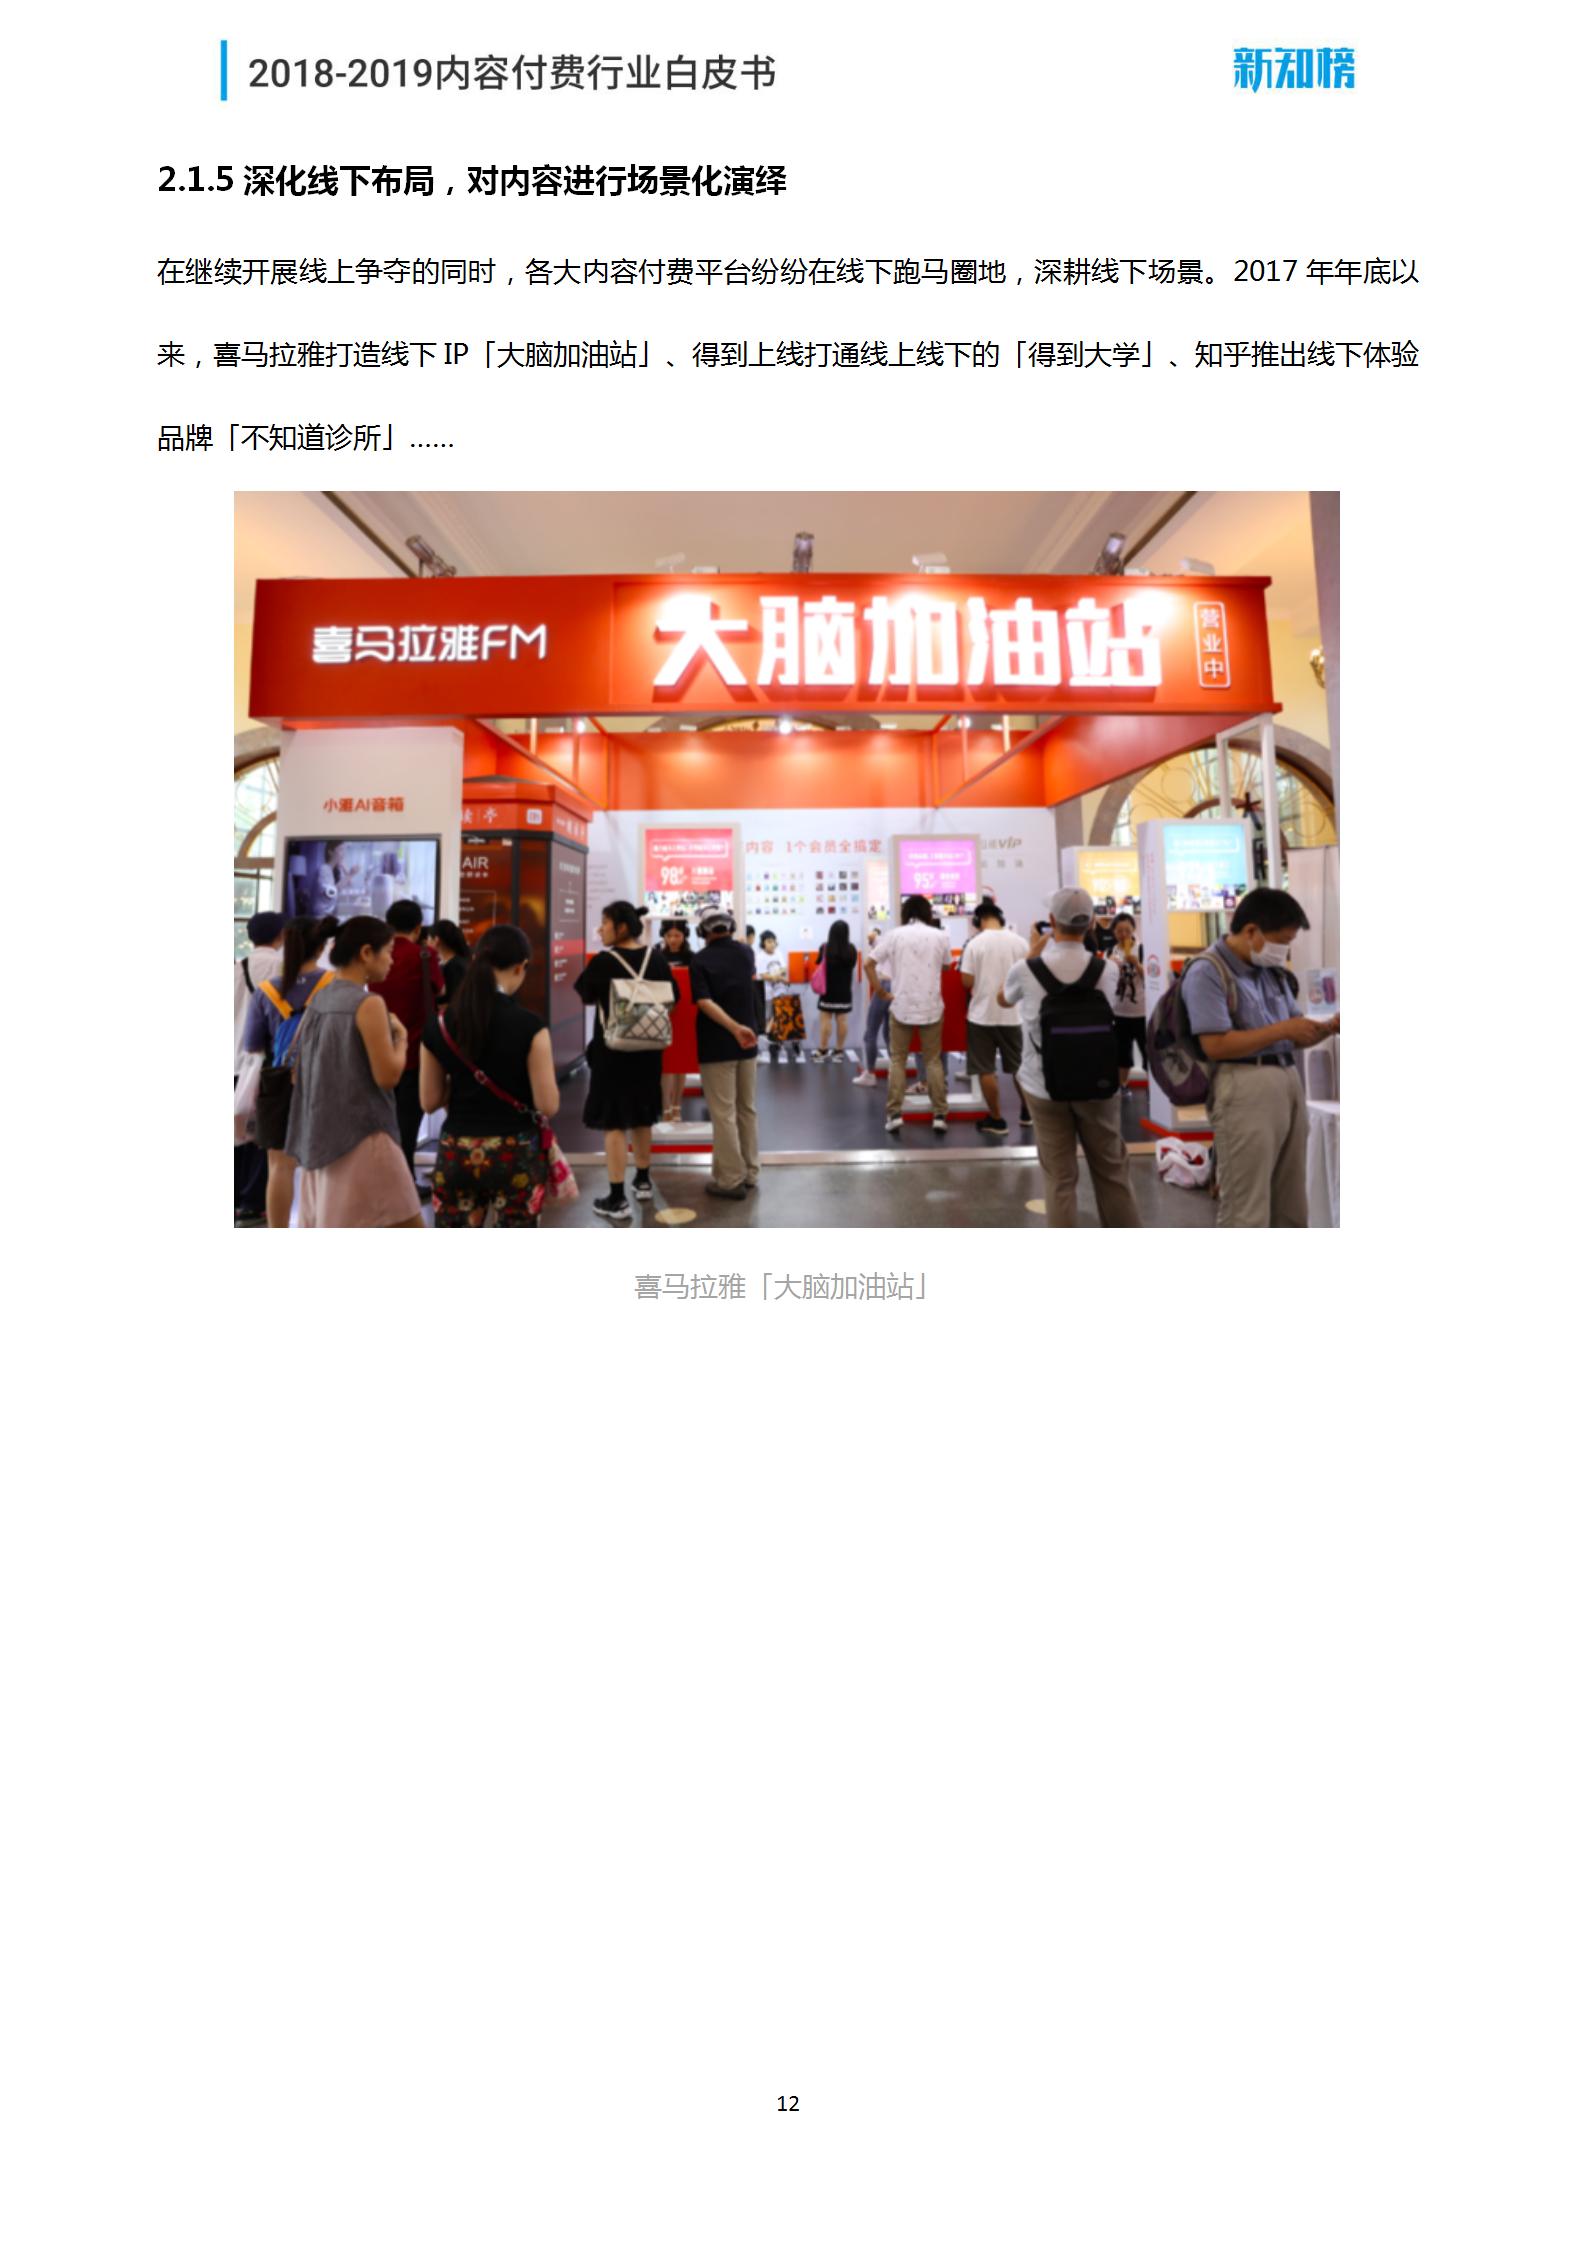 新知榜2018-2019内容付费行业白皮书_12.png